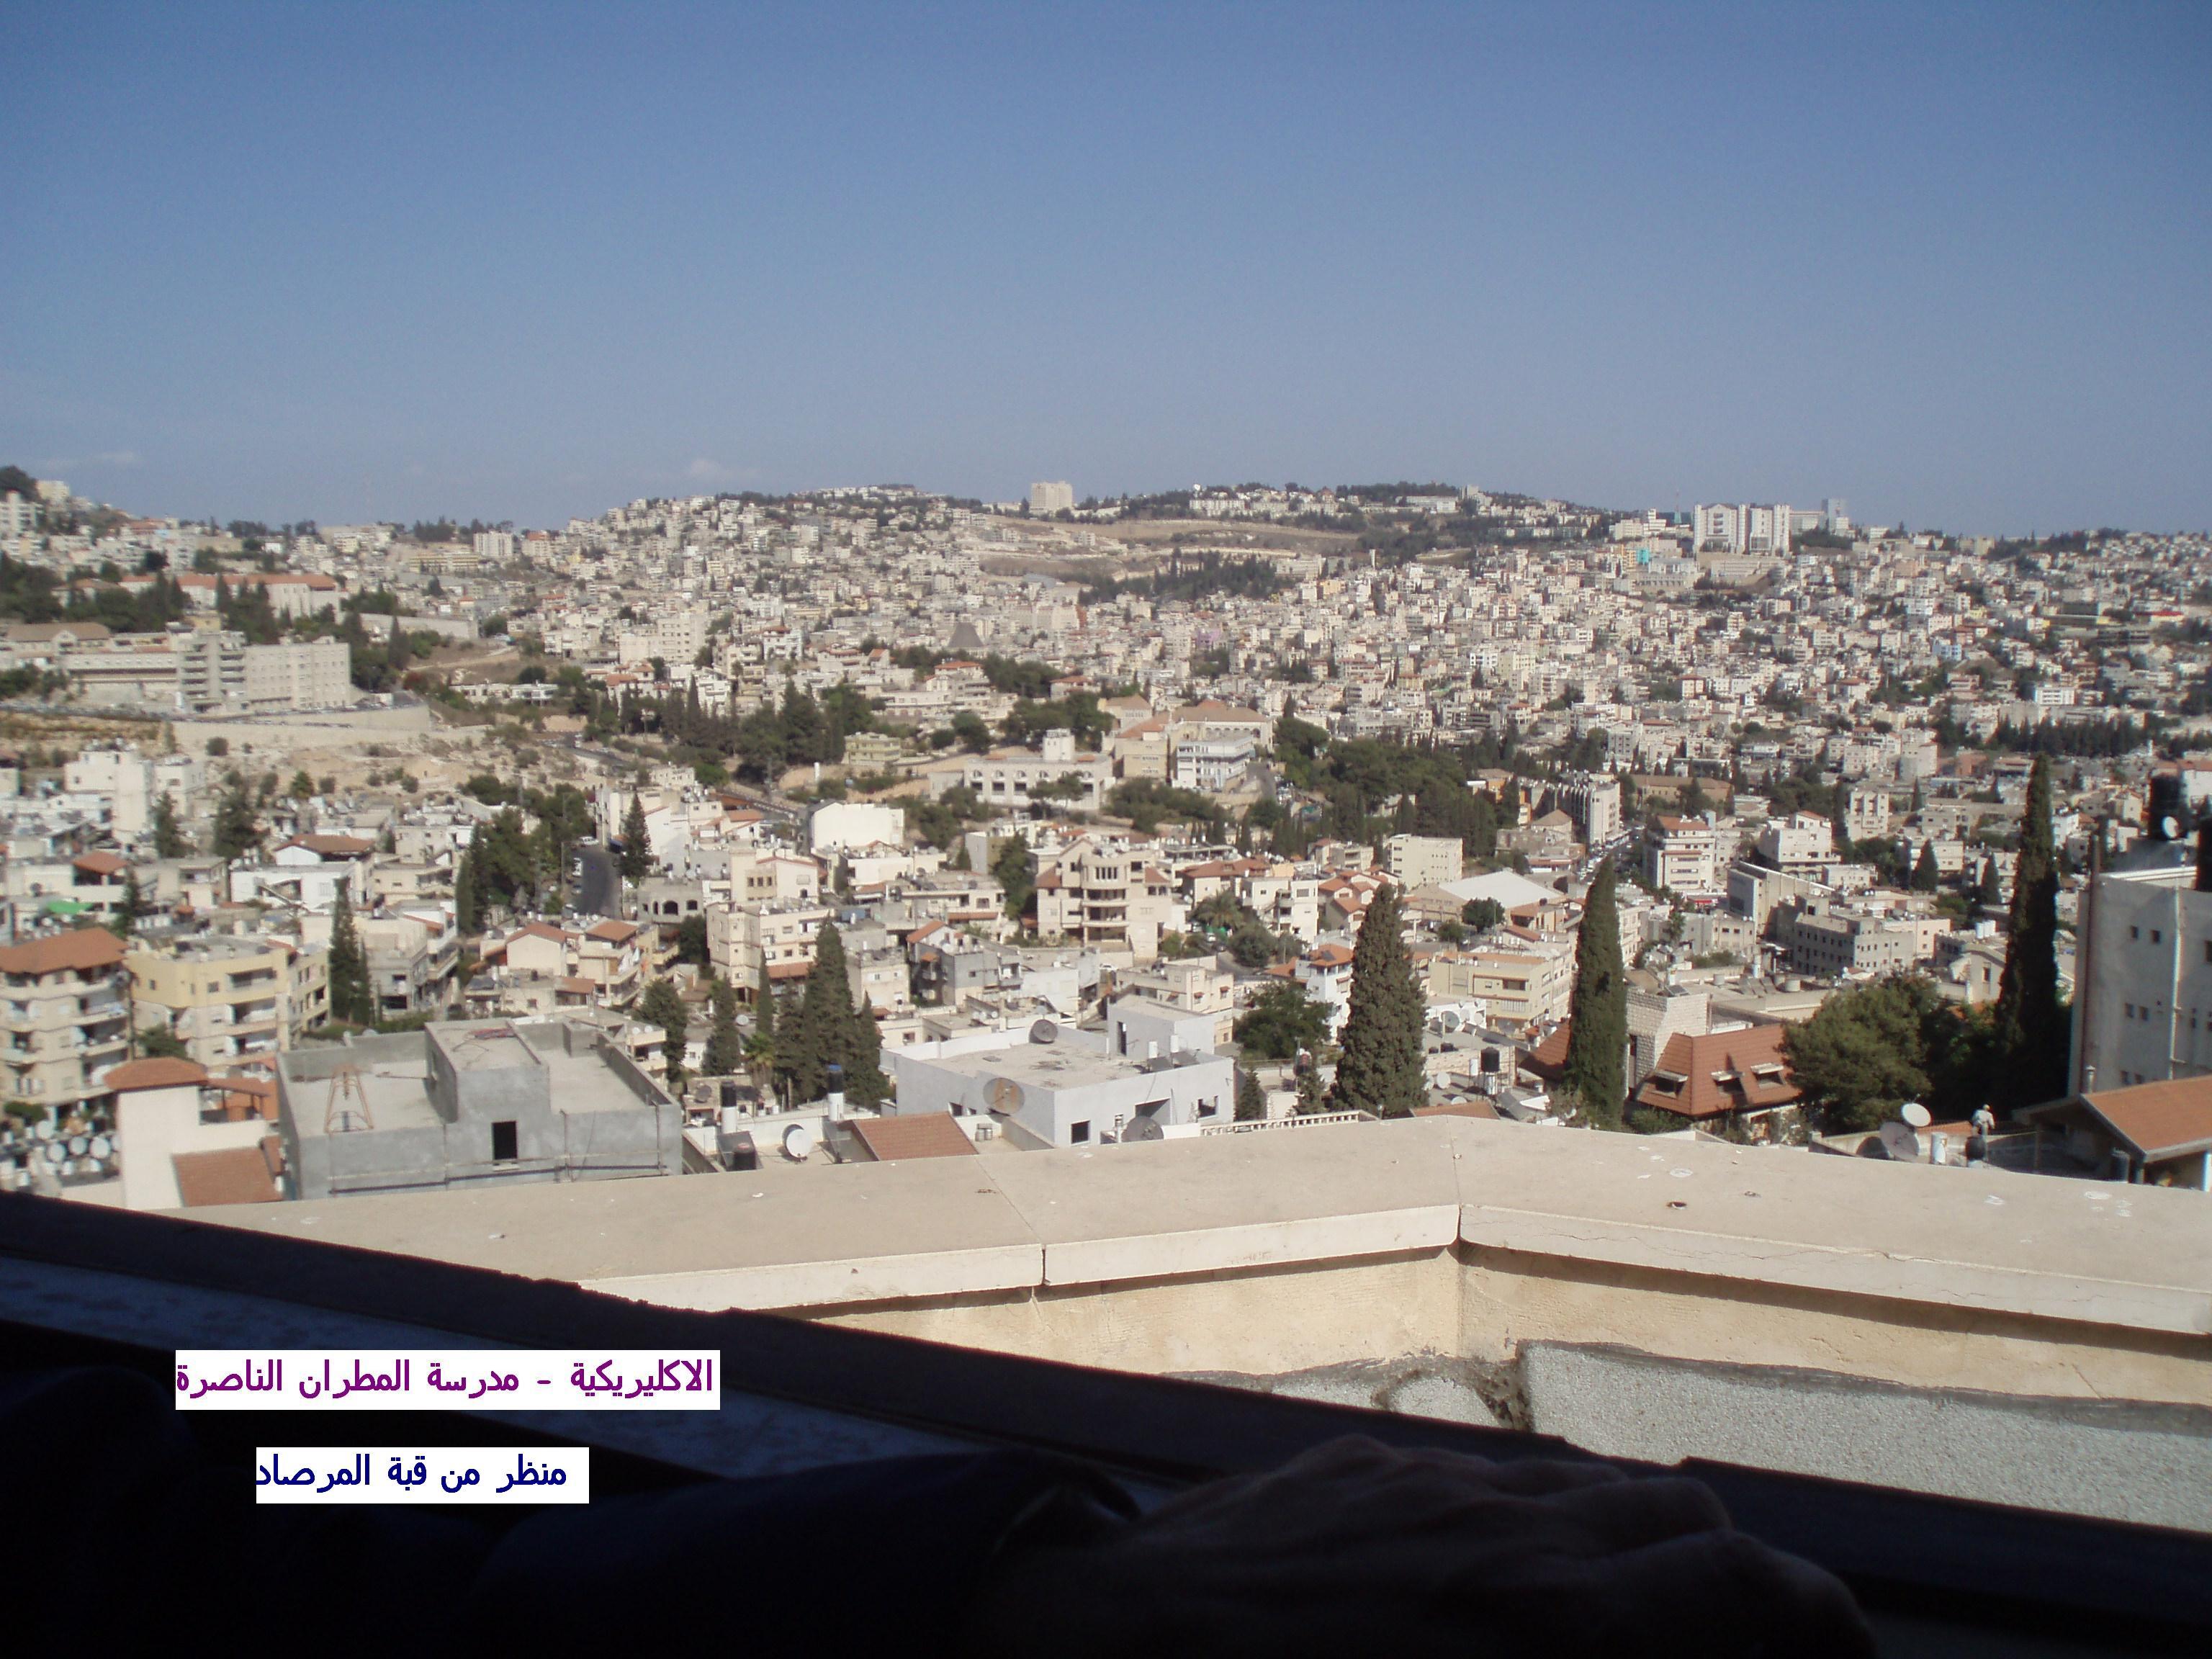 صور من فلسطين Picture20428